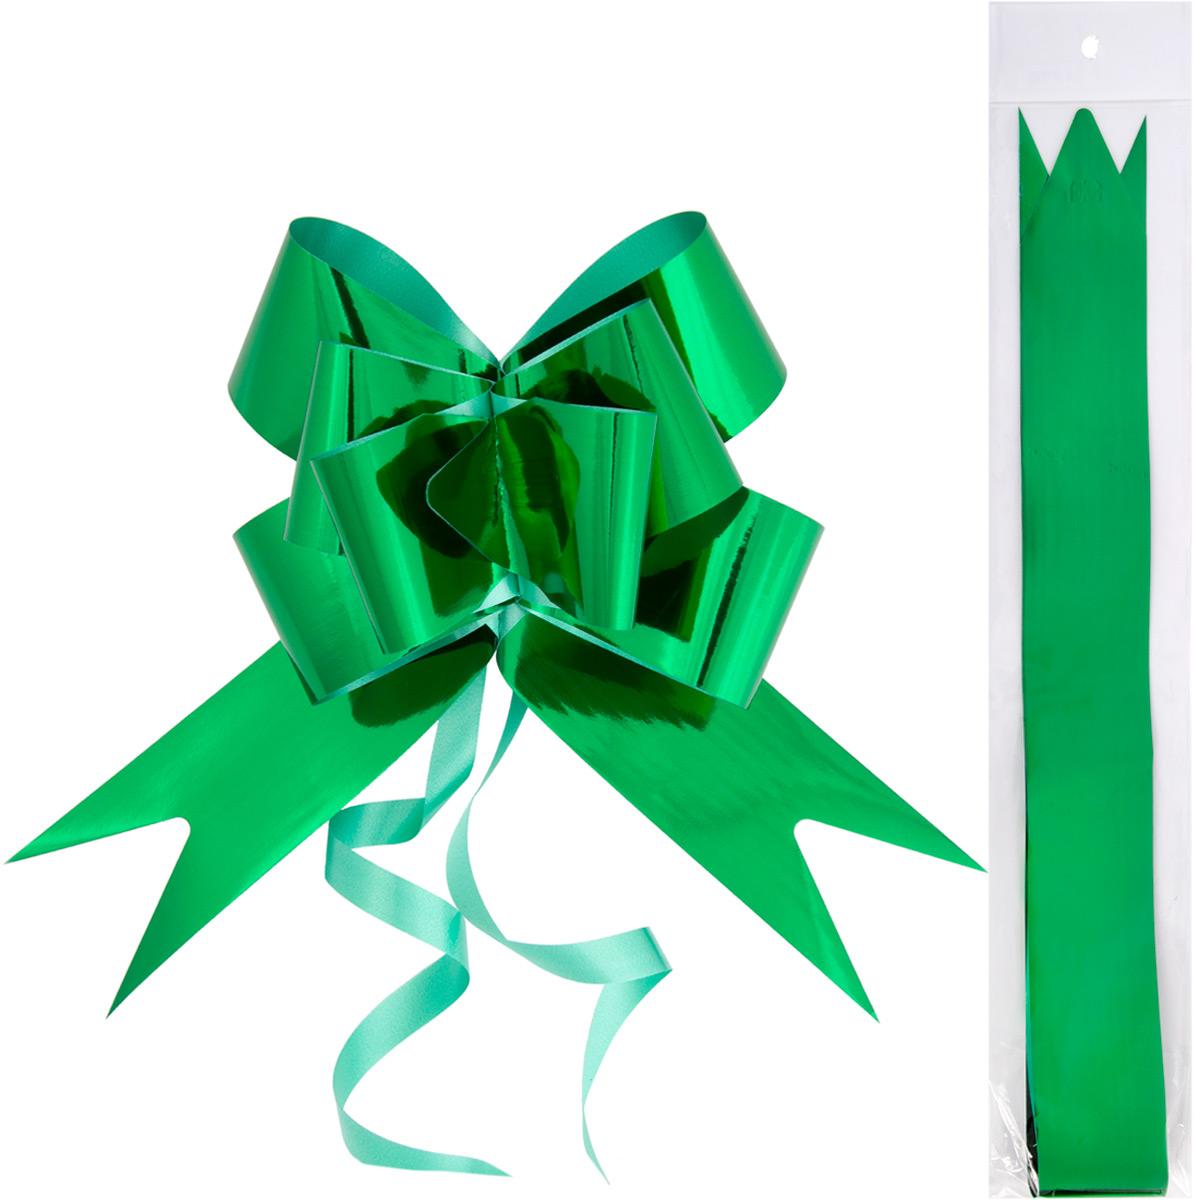 Бант – объемный и сверкающий, добавит оригинальности любому подарку. Поиграйте с формой и цветом, проявите свою фантазию! Окружите близких людей вниманием и заботой, вручив презент в нарядном, праздничном оформлении! Декоративный бант из полиэтилентерефталата, затягивающийся, с кольцами из поливинилхлорида для оформления подарков, шириной 5 см, длиной 85 см.